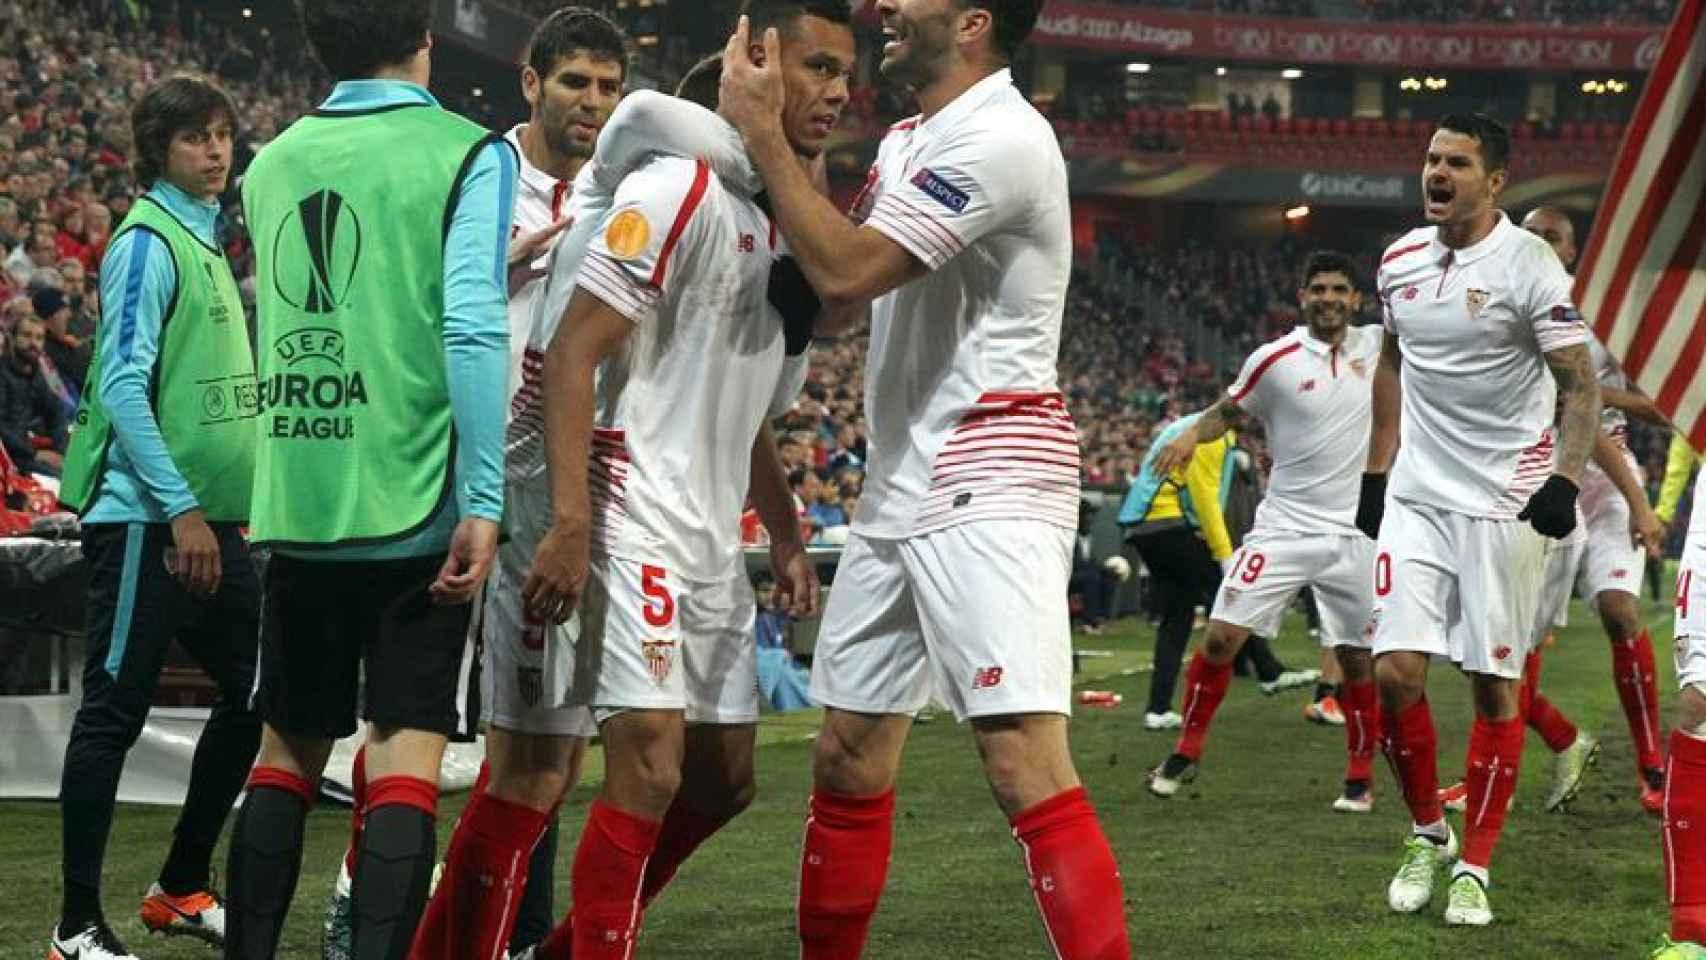 Los jugadores del Sevilla celebran un gol en San Mamés.